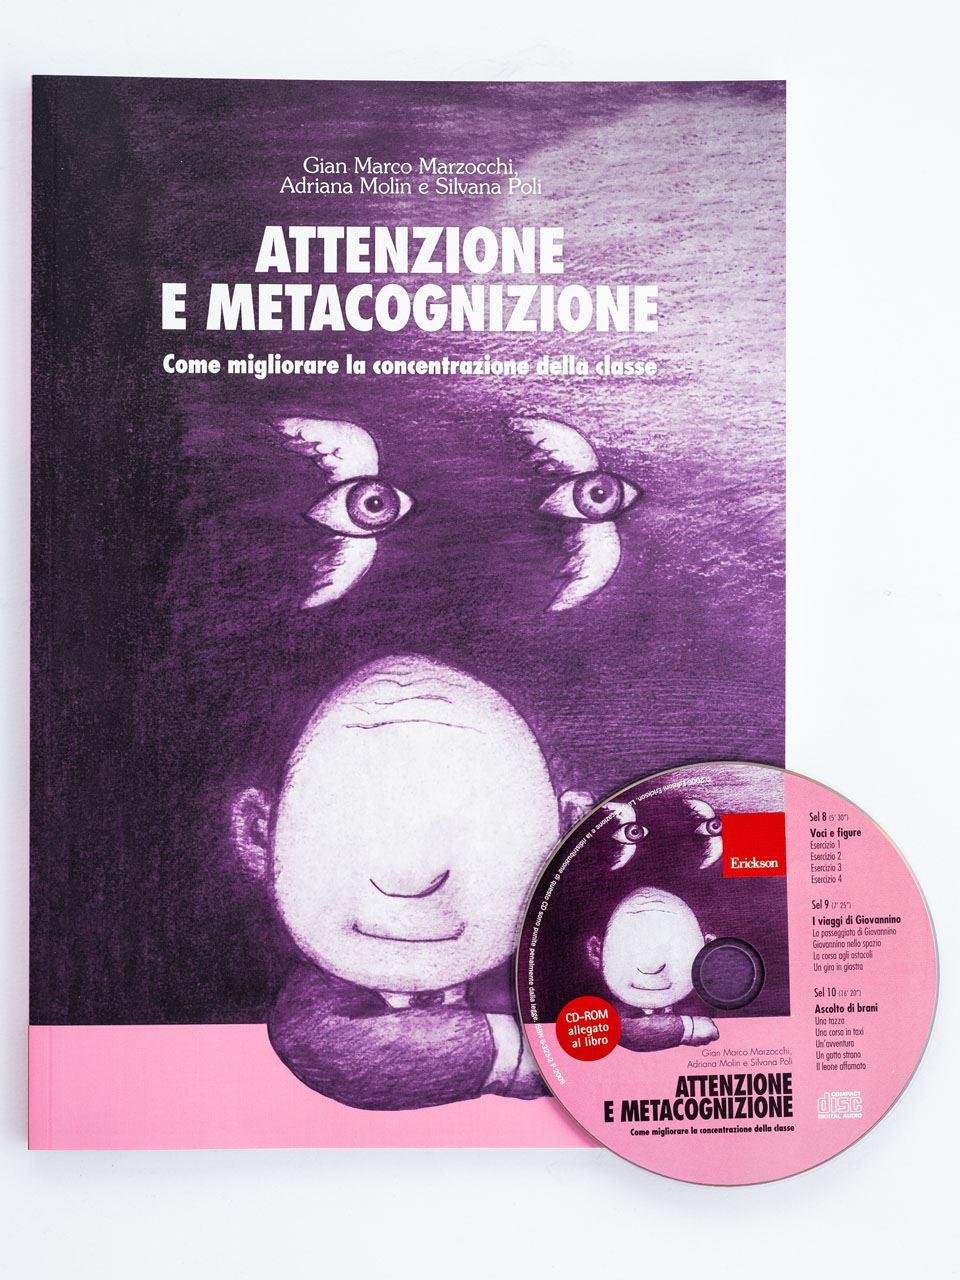 Attenzione e metacognizione - Libri - Erickson 2